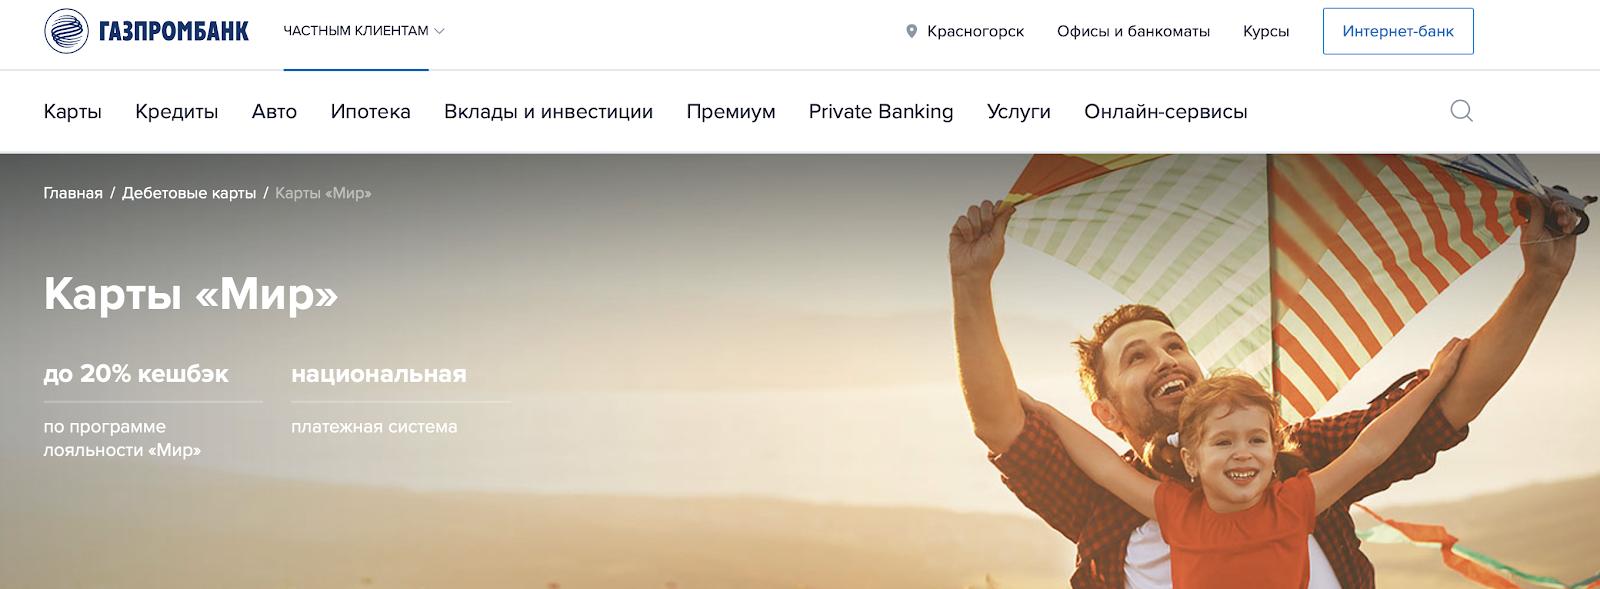 Сайт банка Газпромбанк